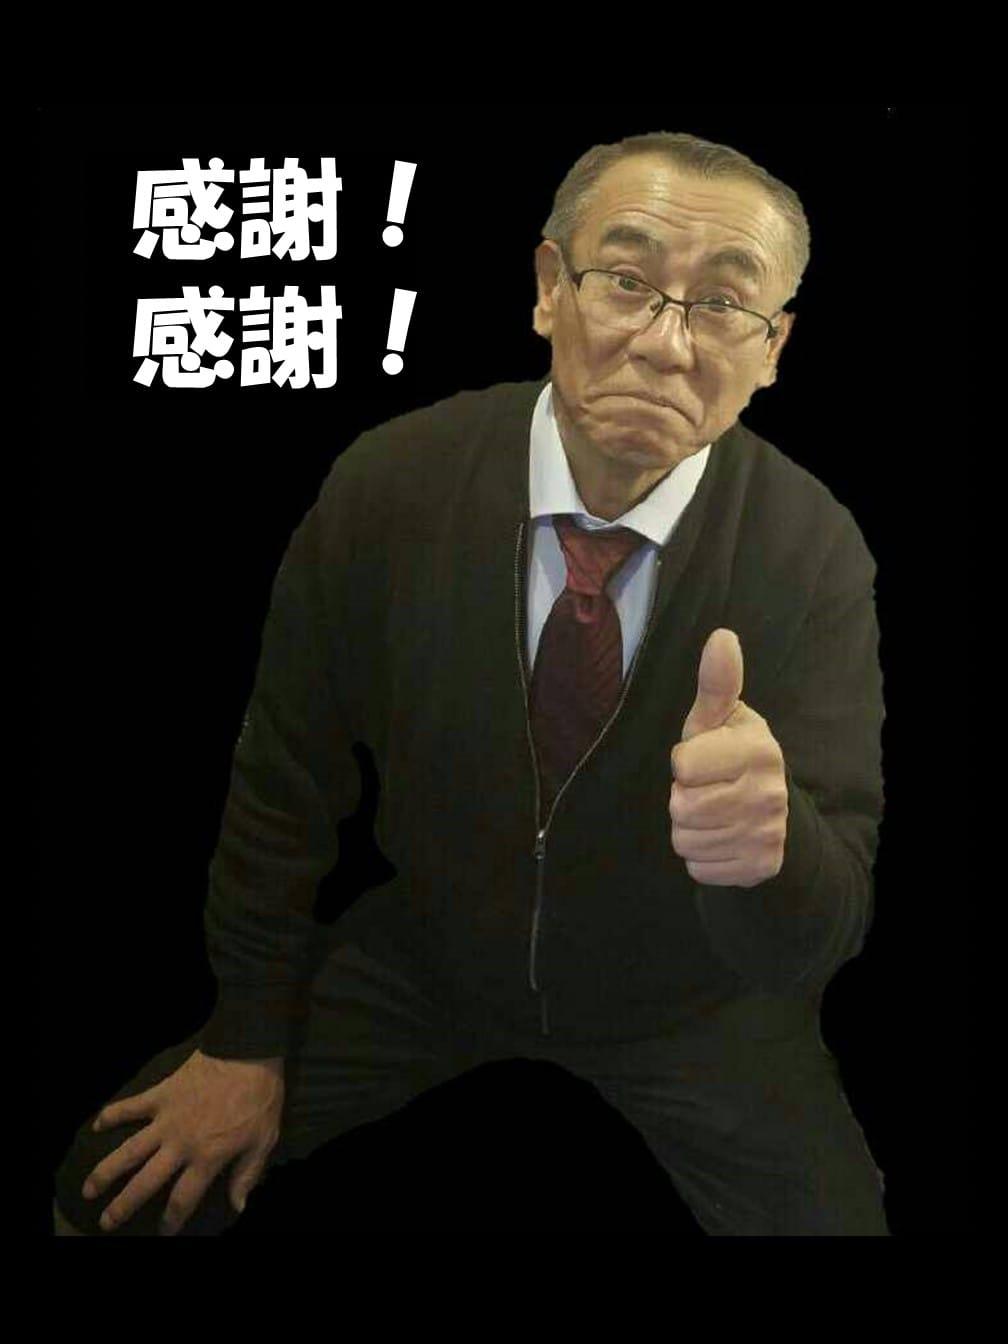 ハンドサービス専門店!【脱がない、舐めない、触られない】!! 土浦ビデオdeはんどの求人ブログ